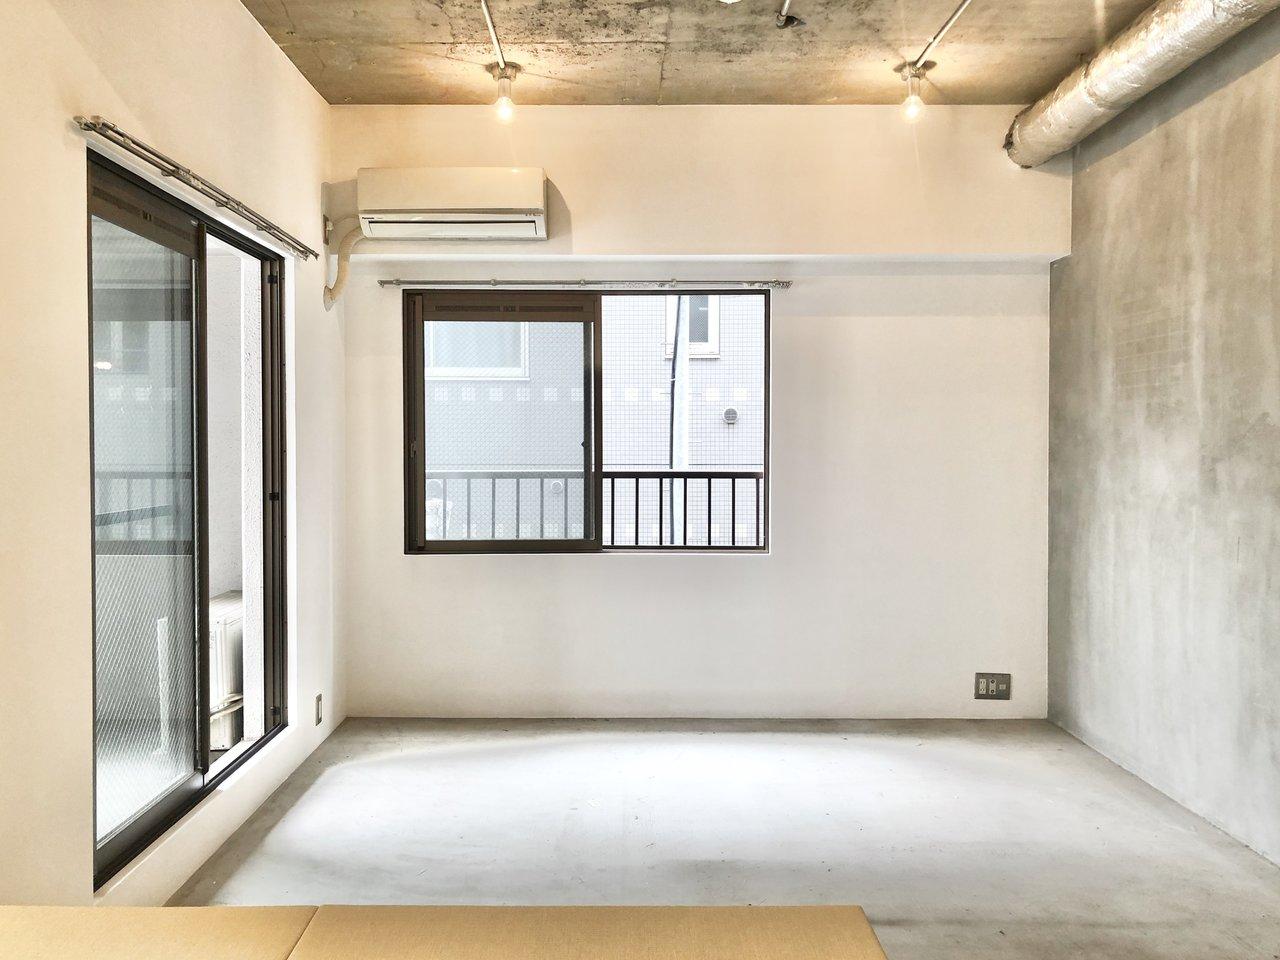 土間のある賃貸暮らし、始めませんか。関東近郊のおすすめ物件まとめ